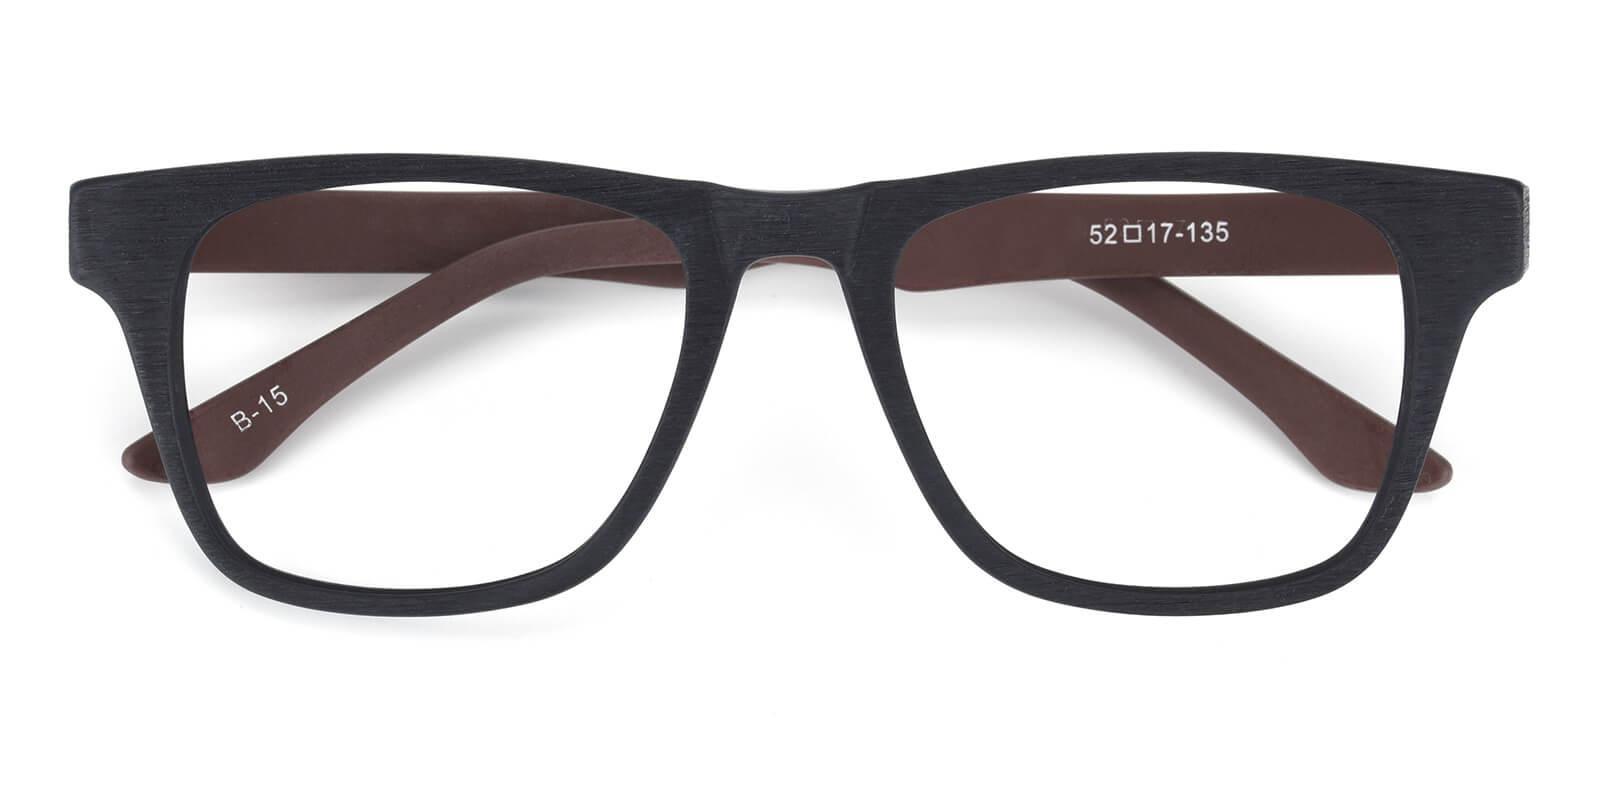 Nashive-Brown-Rectangle-Acetate-Eyeglasses-detail